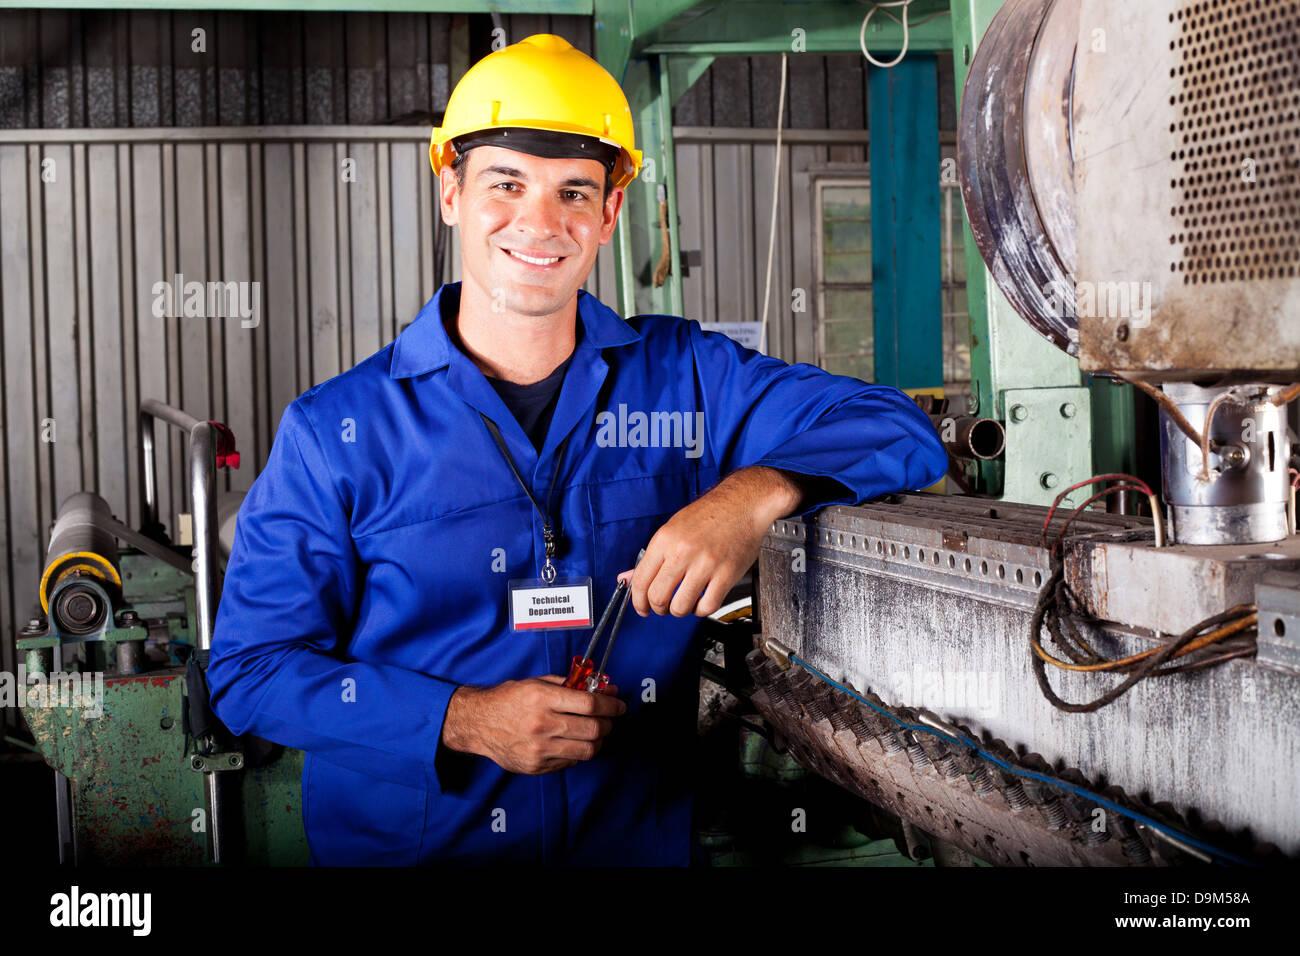 industrielle mechanische Techniker Porträt in Fabrik Stockbild